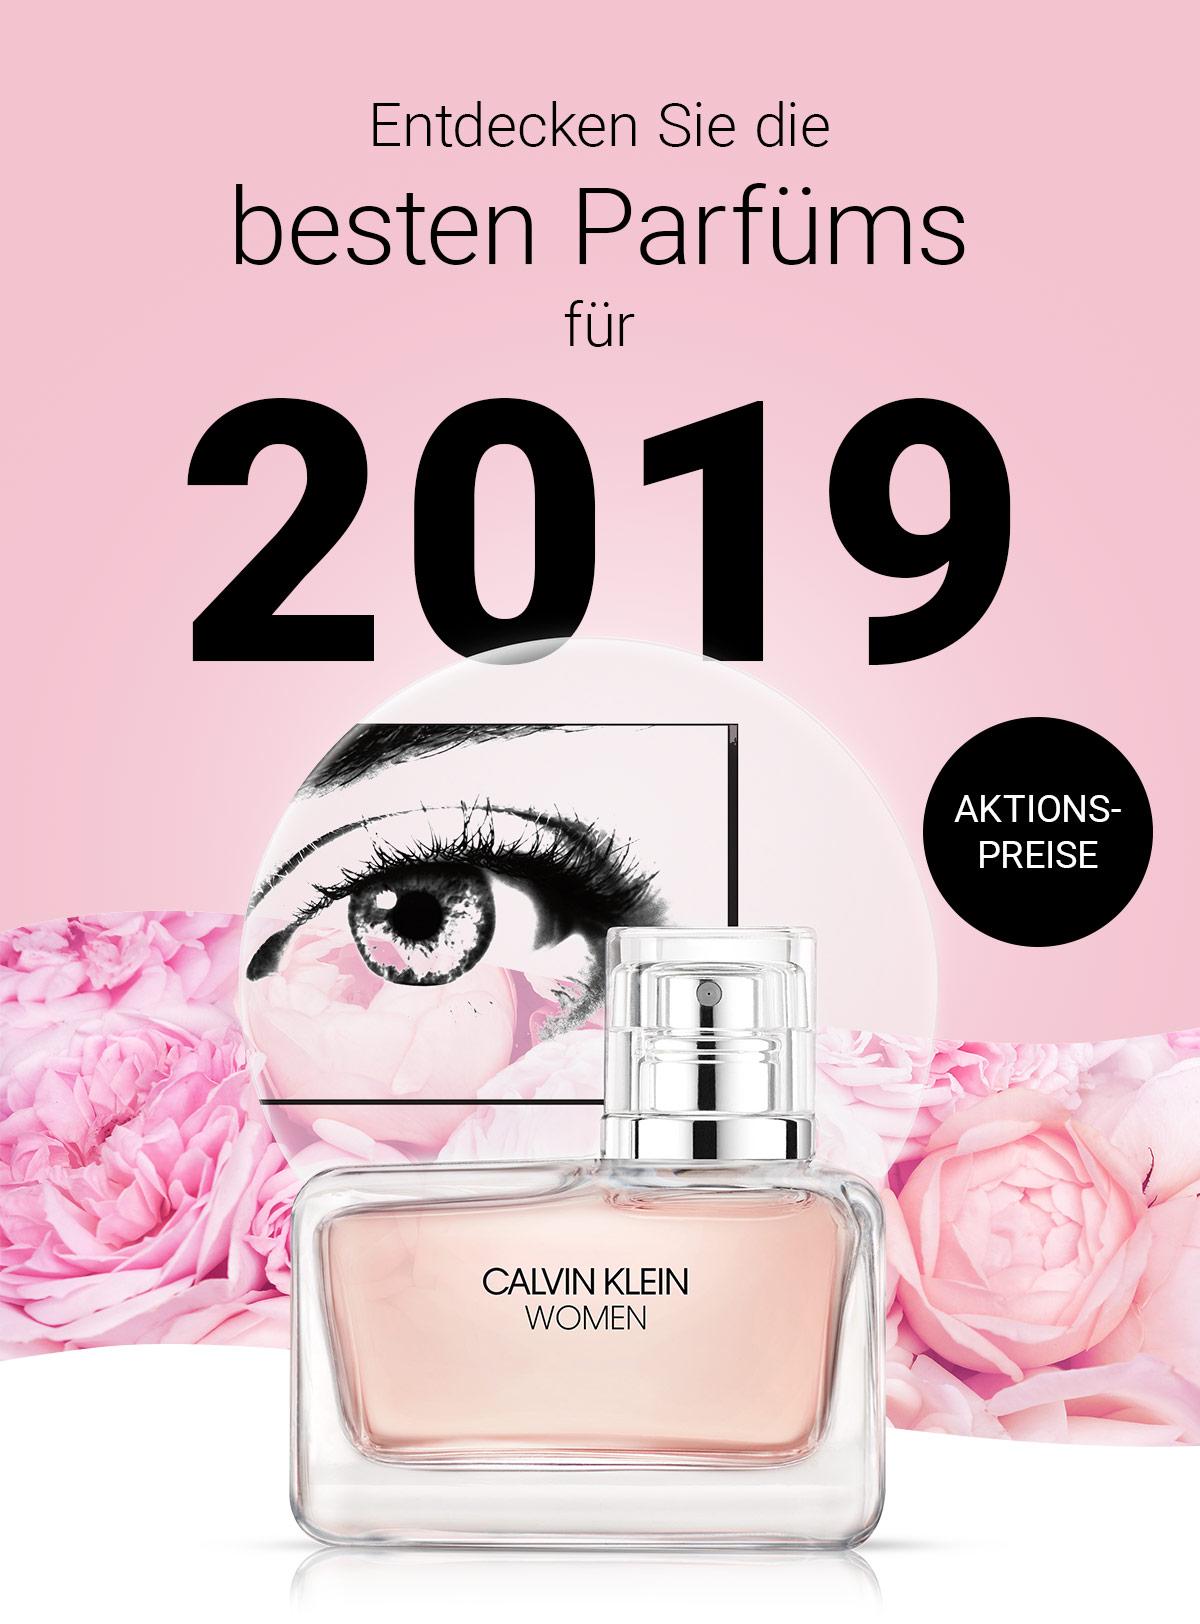 Entdecken Sie die besten Parfüms für 2019